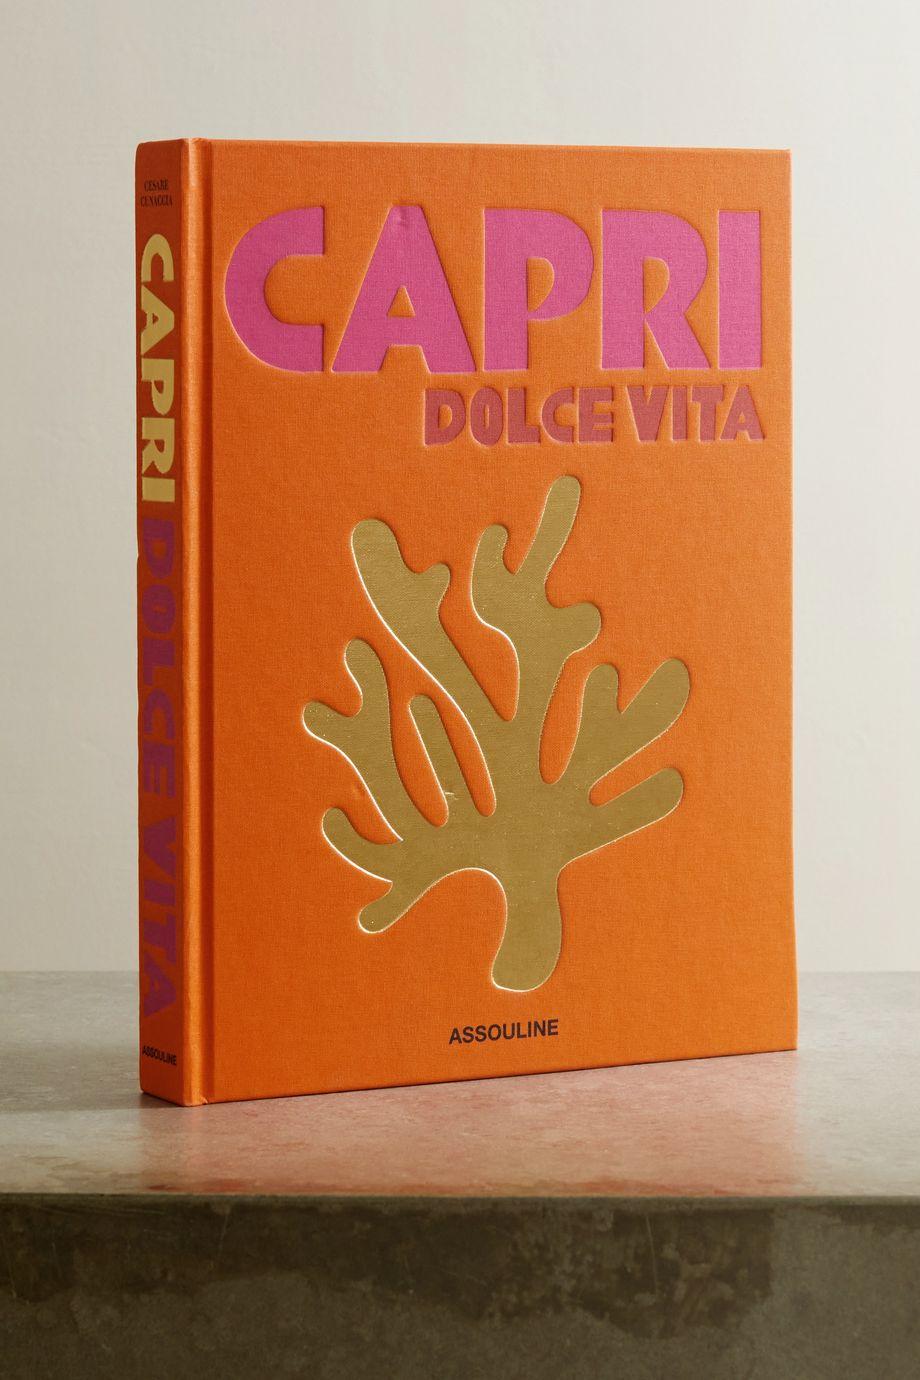 Assouline Livre cartonné Capri Dolce Vita de Cesare Cunaccia